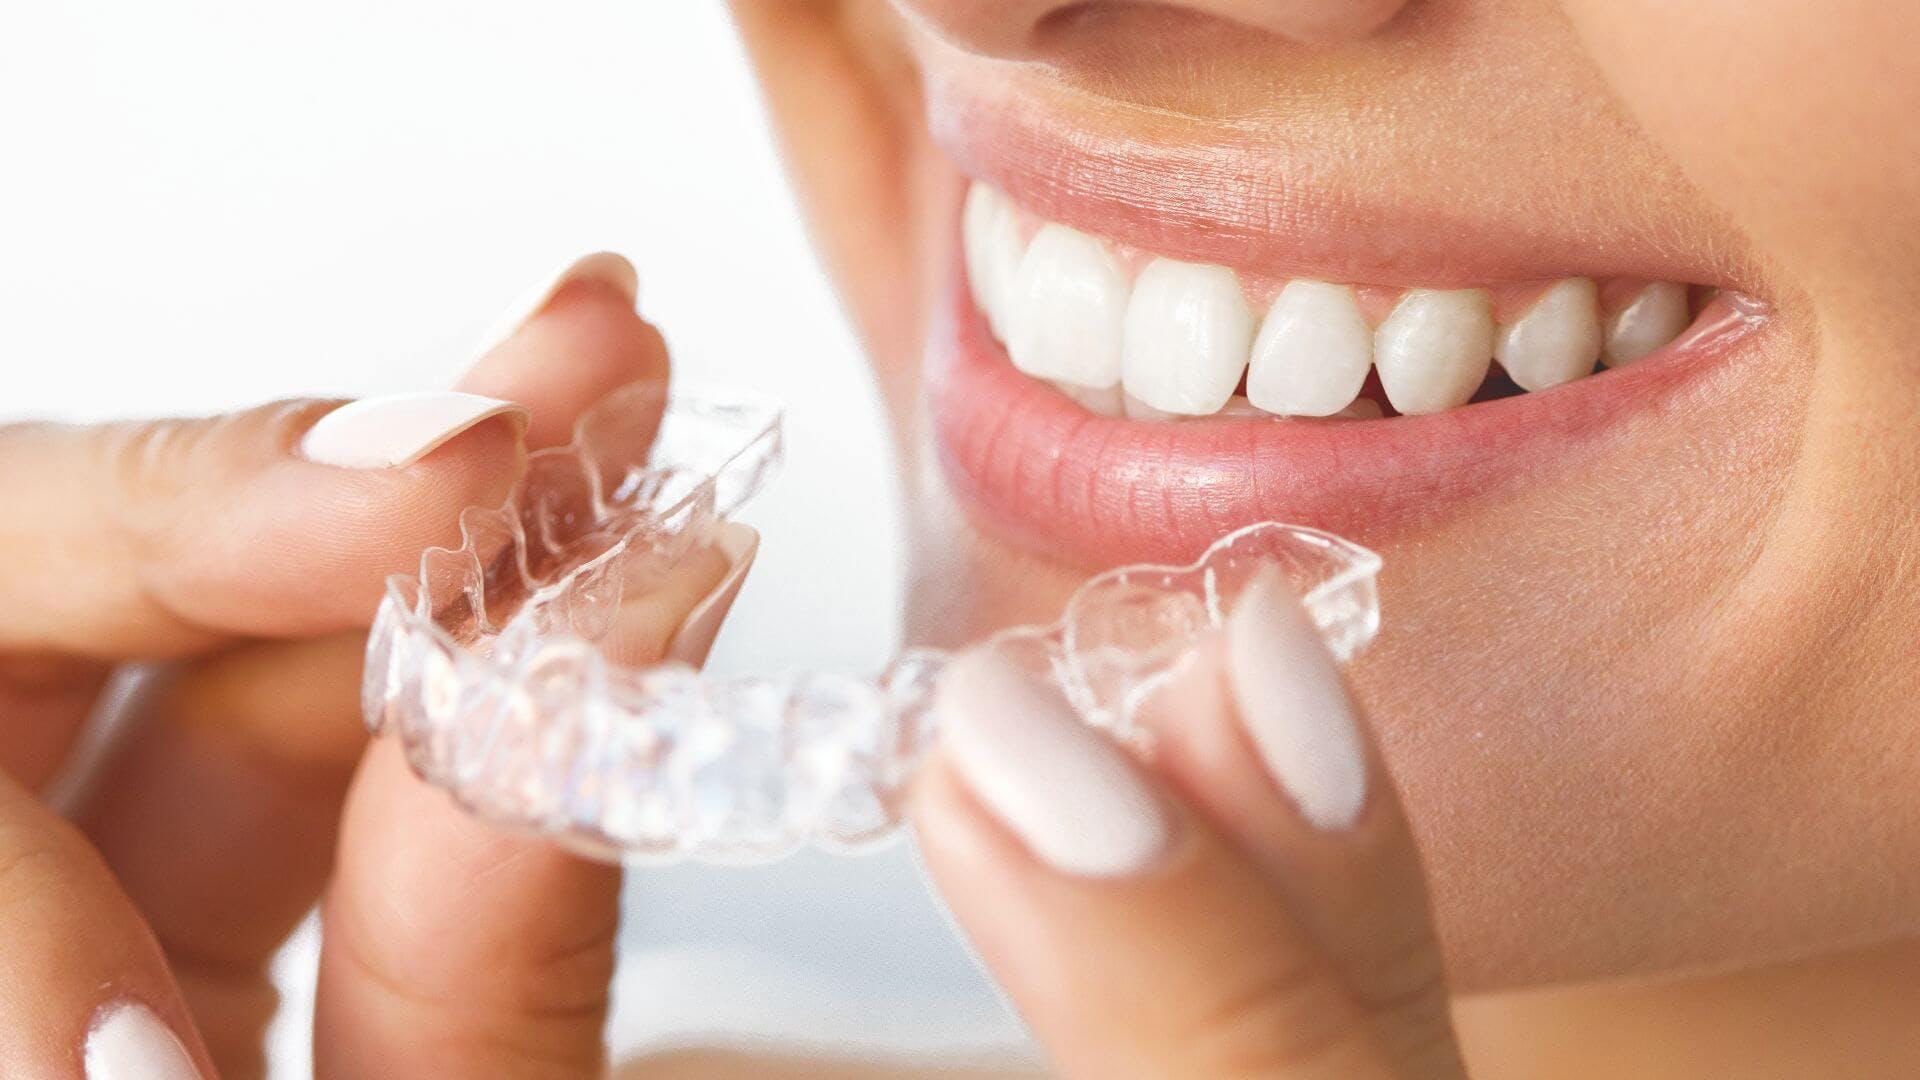 Frau setzt Zahnschiene ein